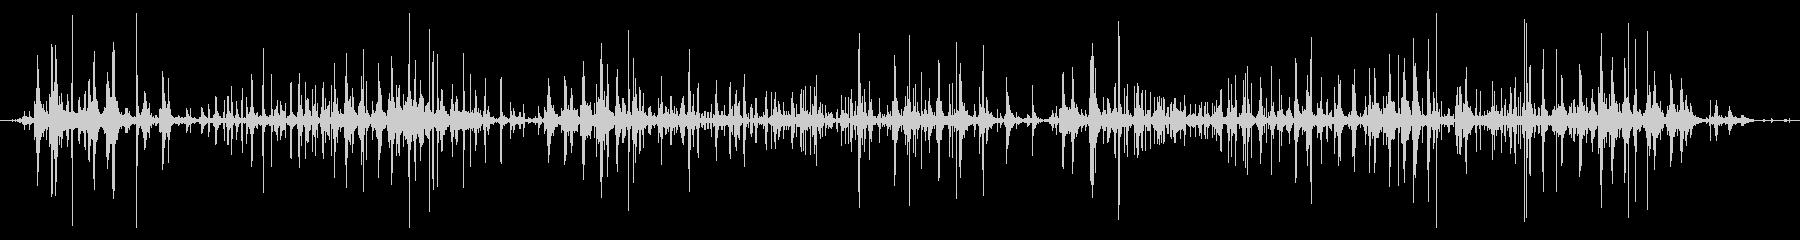 ネバネバ、ヌメヌメとした不気味な音C#5の未再生の波形